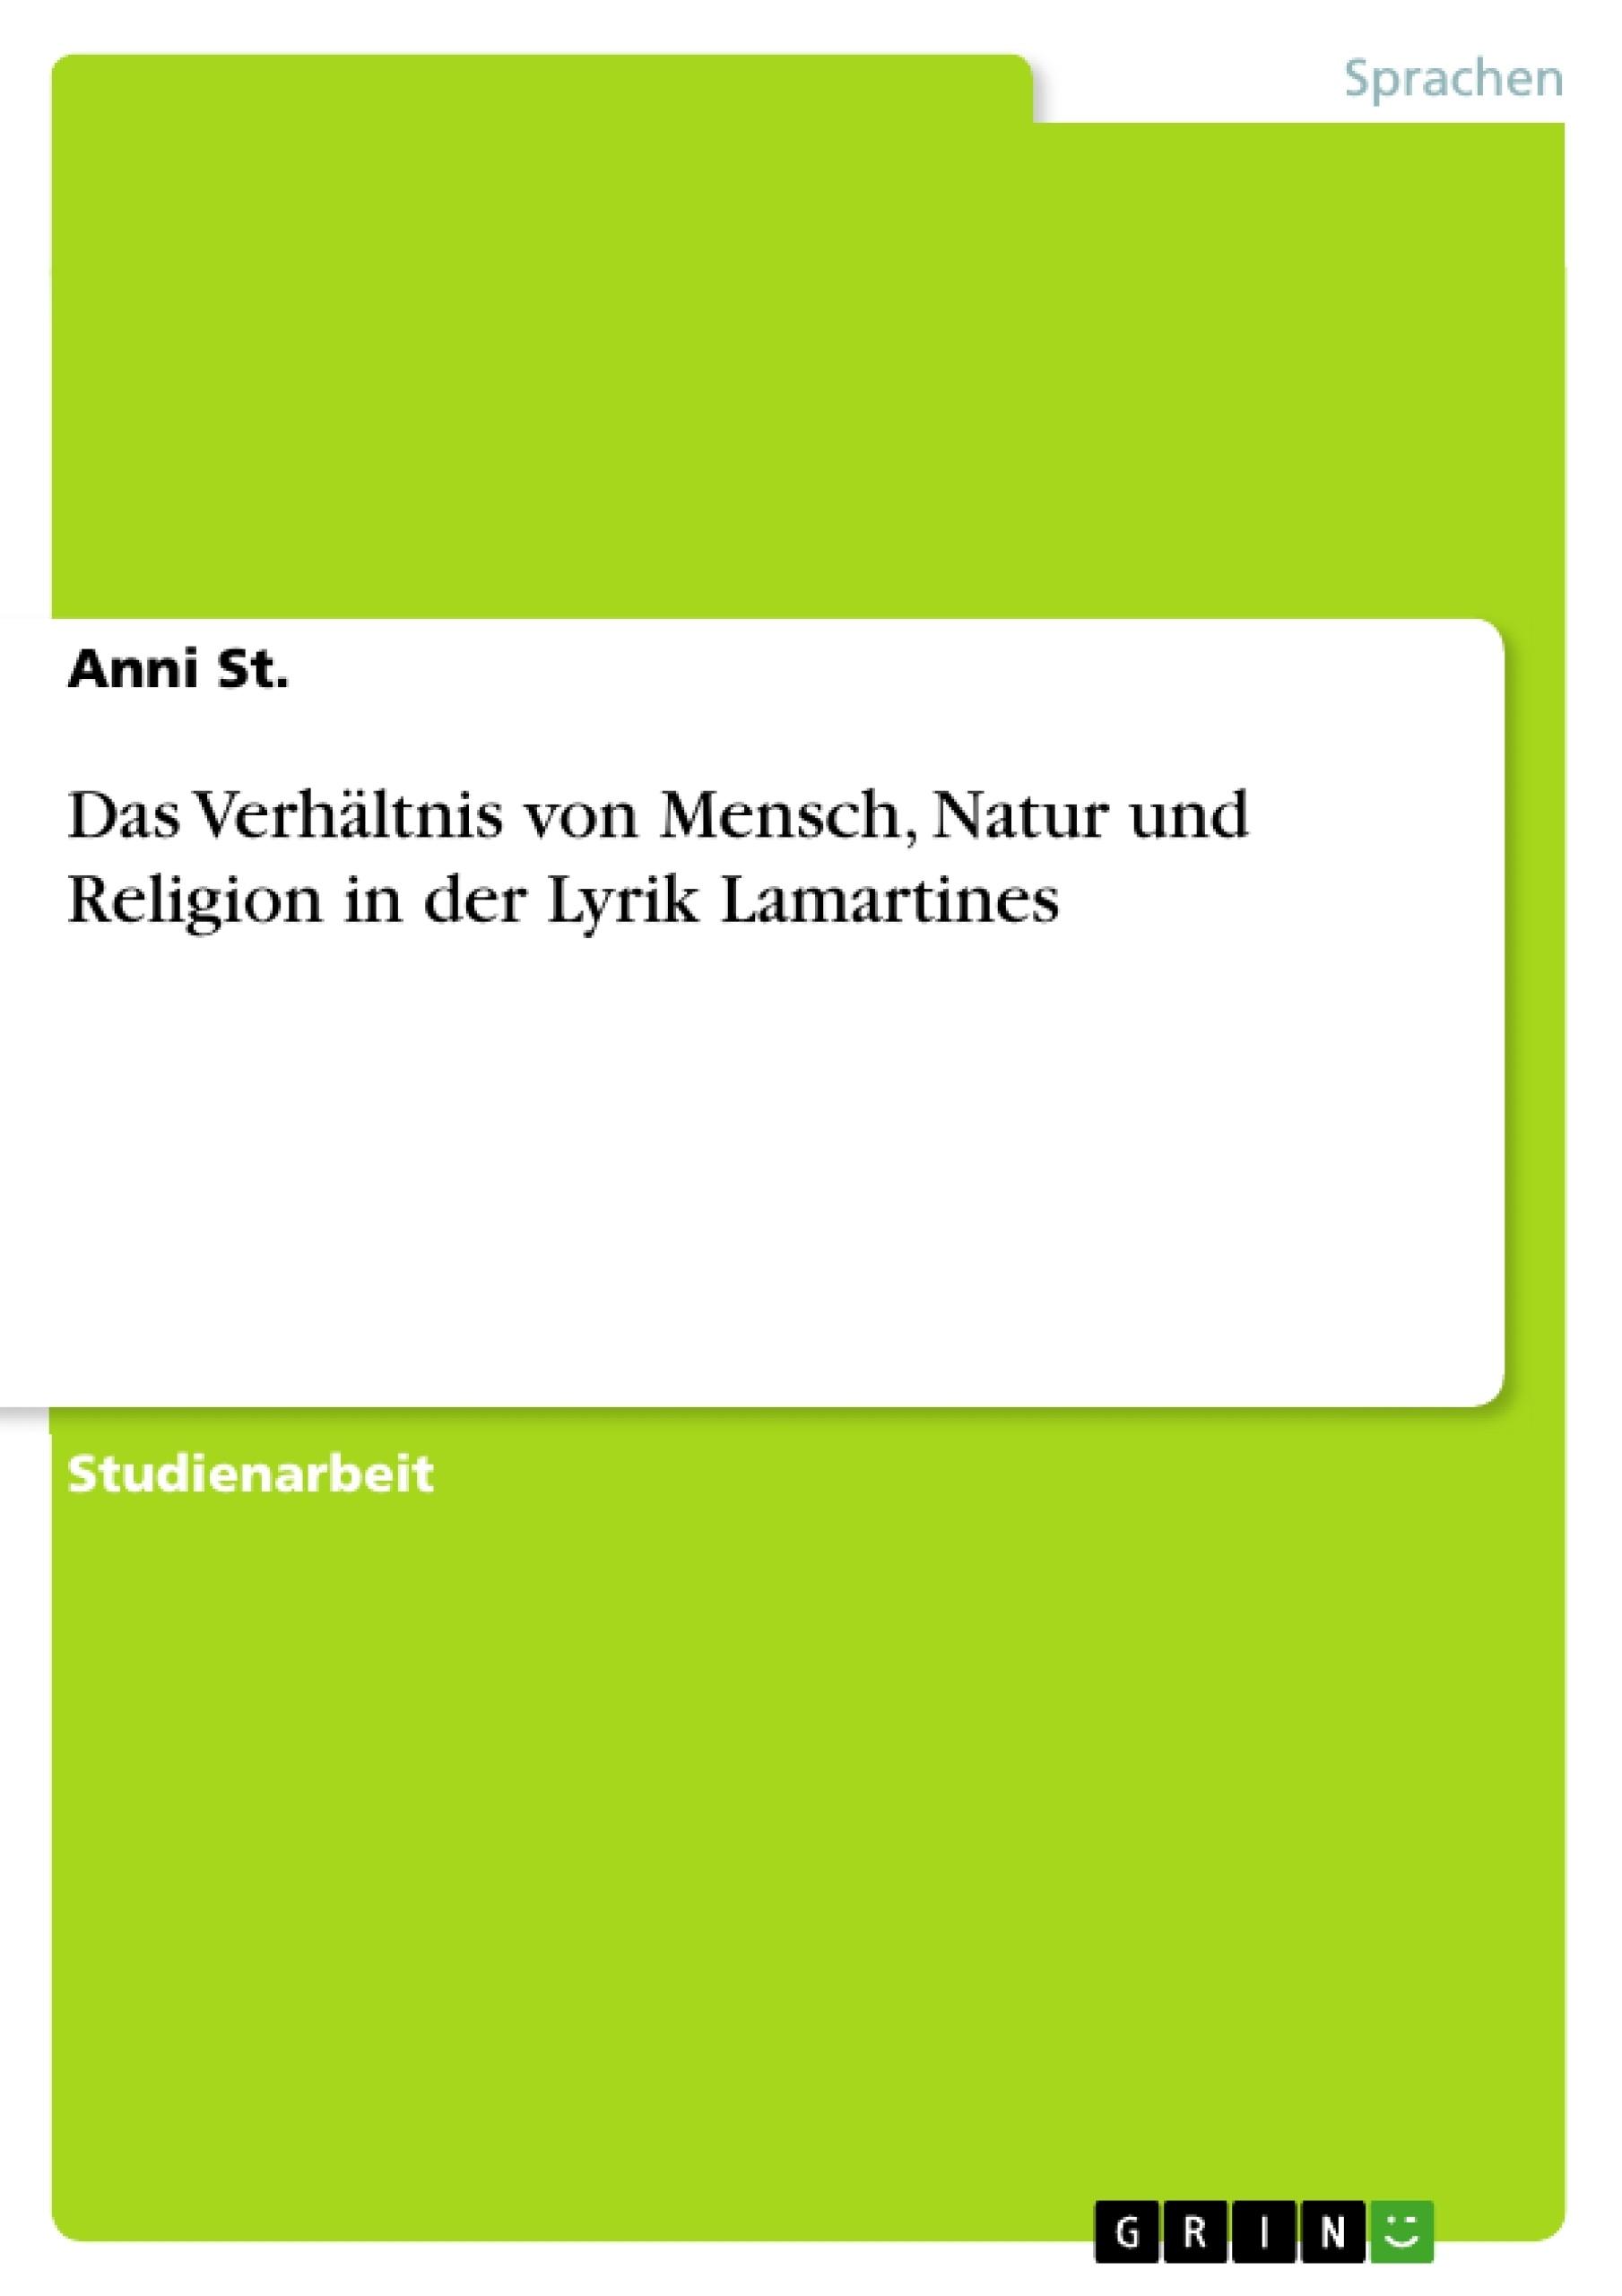 Titel: Das Verhältnis von Mensch, Natur und Religion in der Lyrik Lamartines